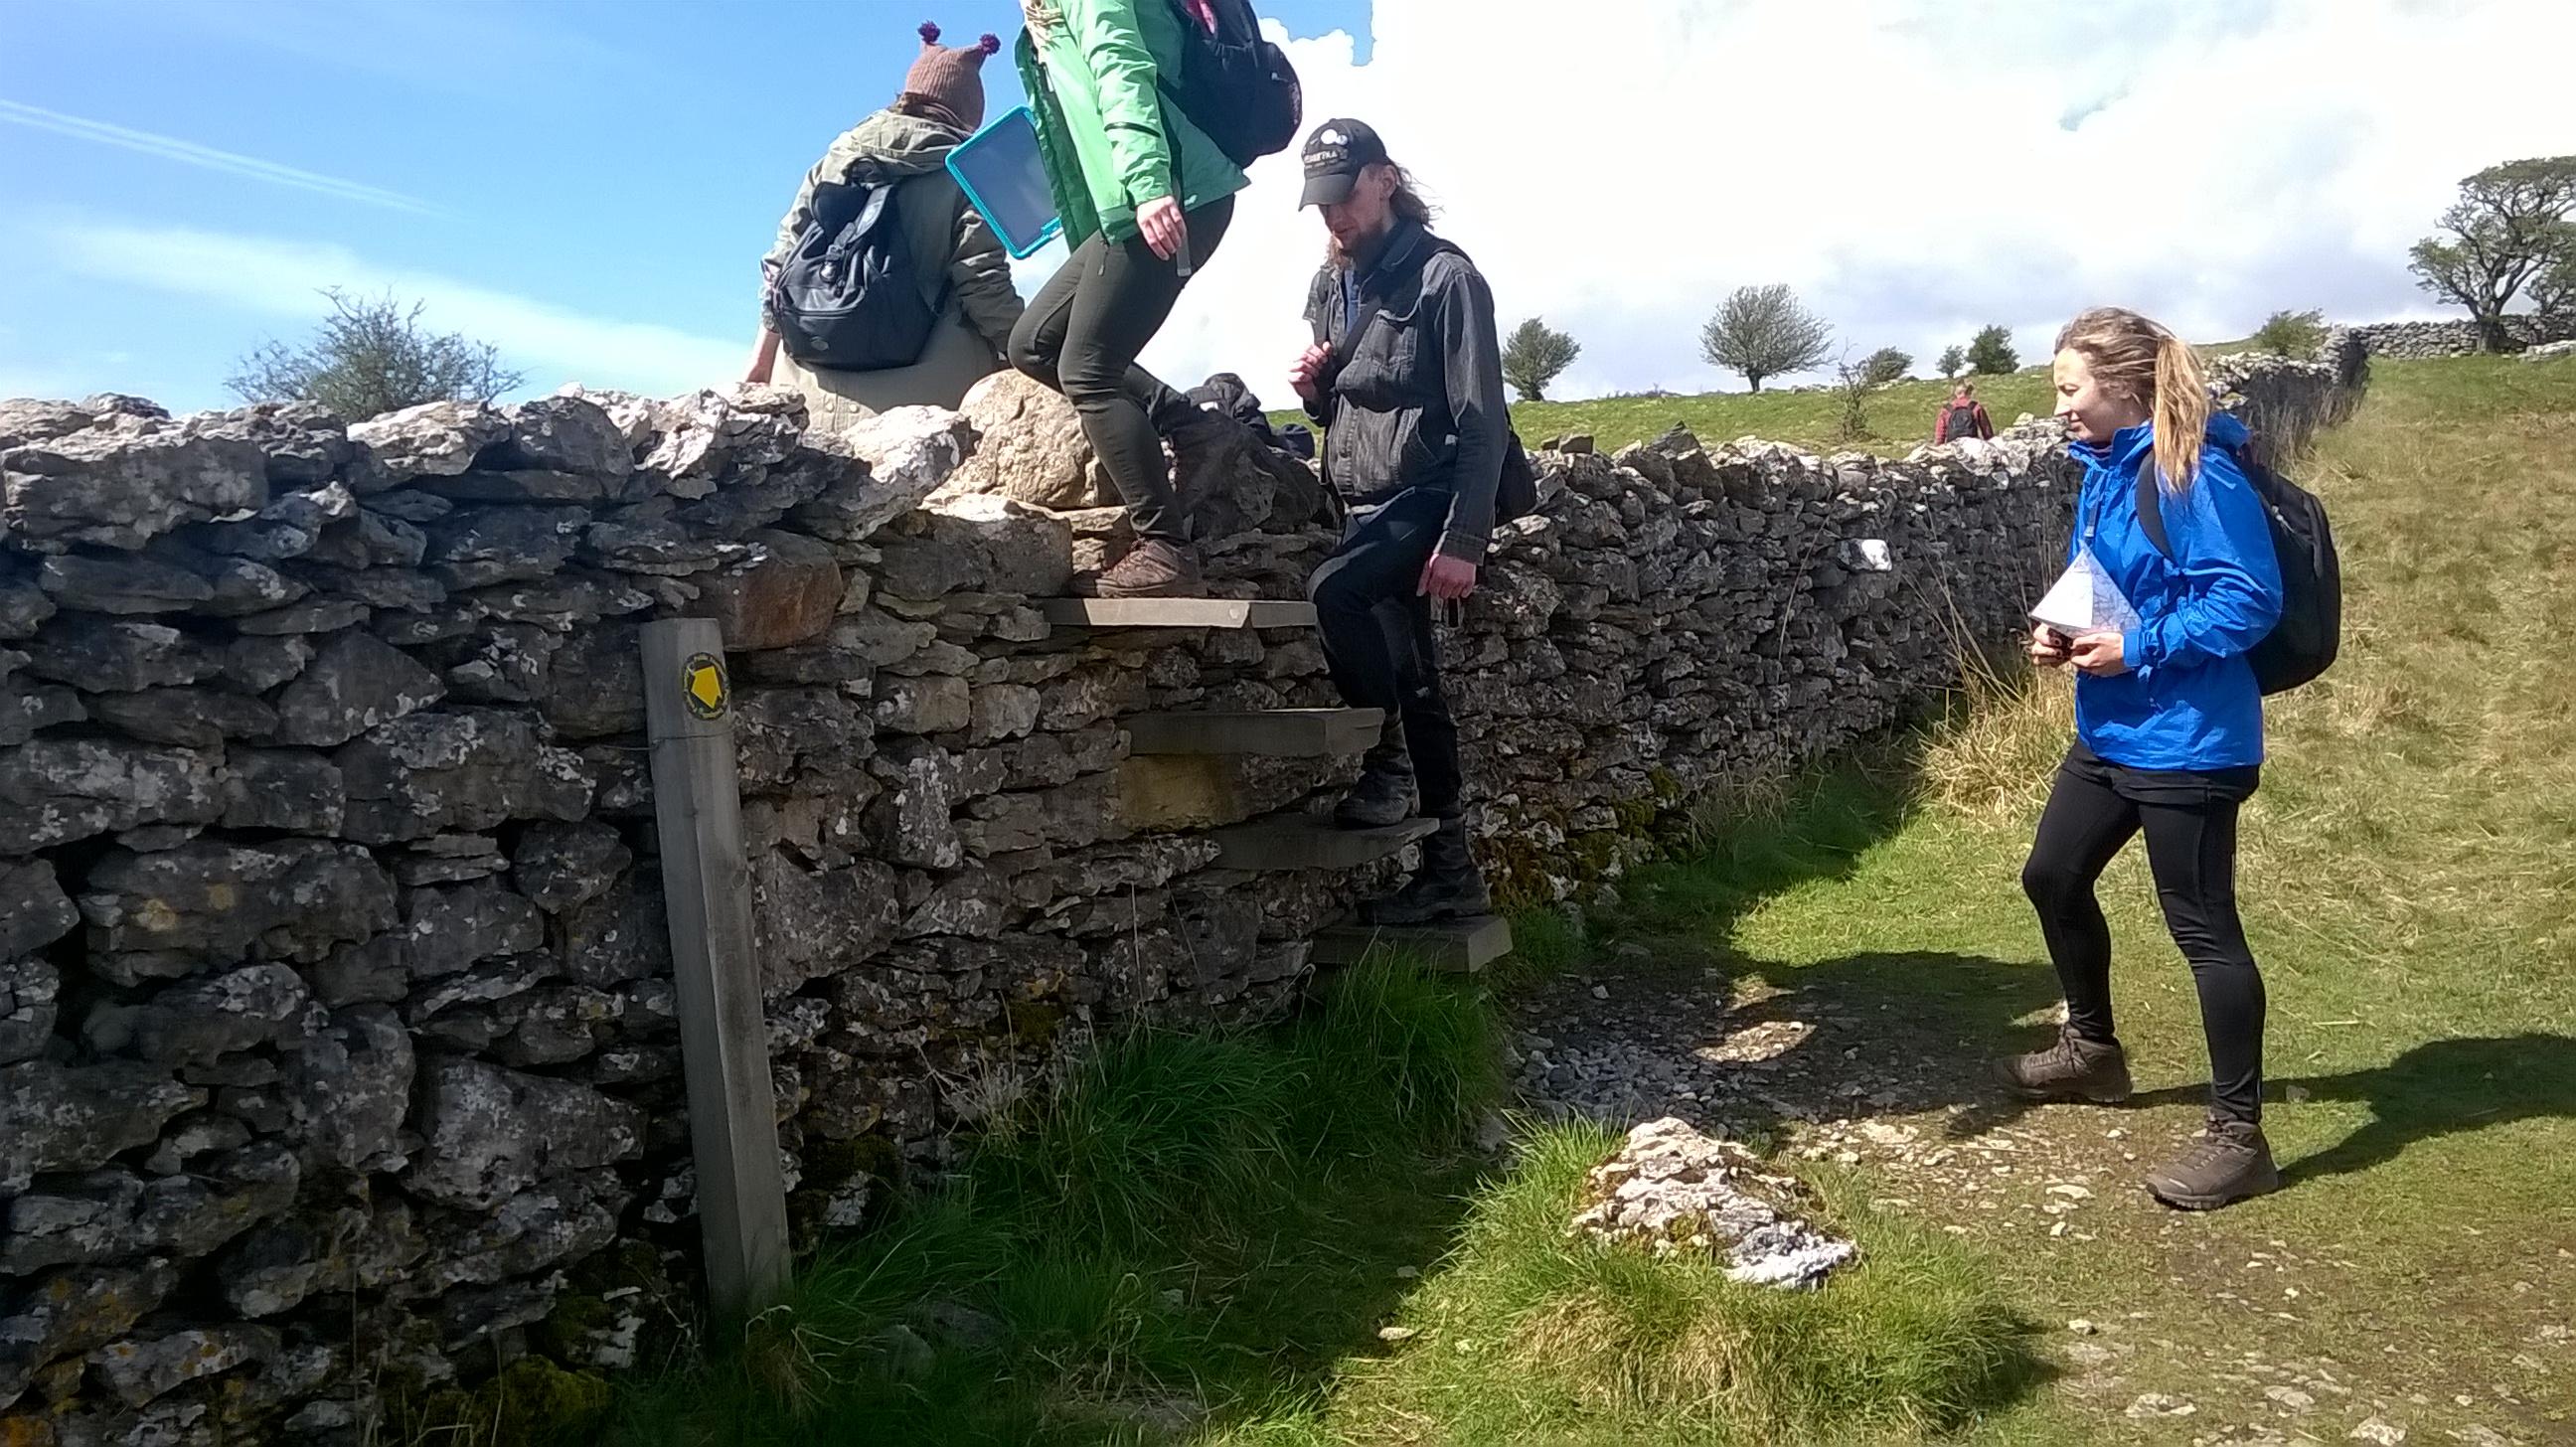 Lielbritānijā 400 gadus sens likums liek iezīmēt savu īpašumu robežas, un tas tiek darīts ar šādām akmens sētām vai dzīvžogiem. Vietās, kur robežu šķērso gājēju takas, sētās iebūvētas šādas trepes.